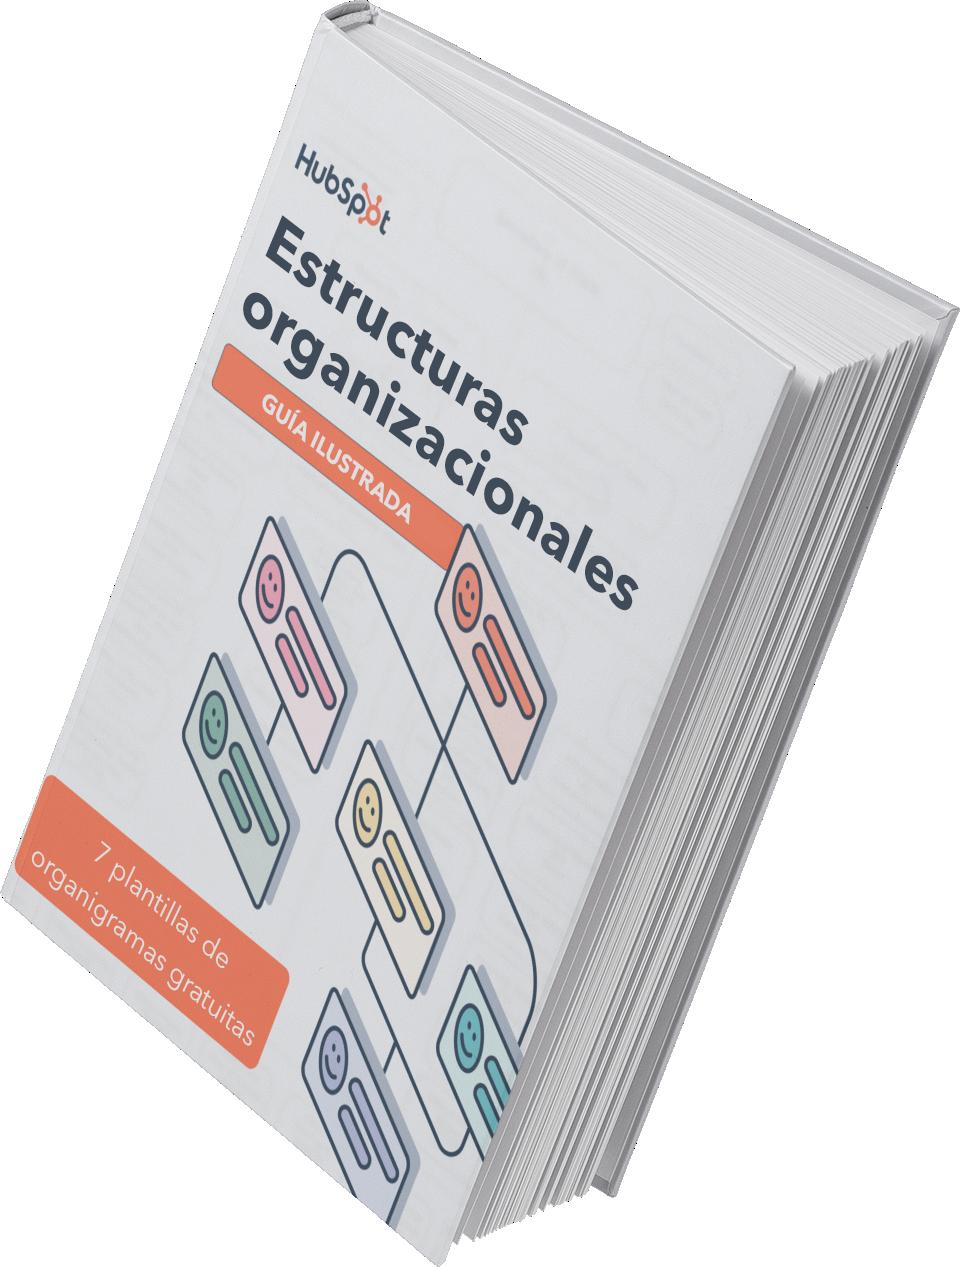 Guía ilustrada sobre estructuras organizacionales